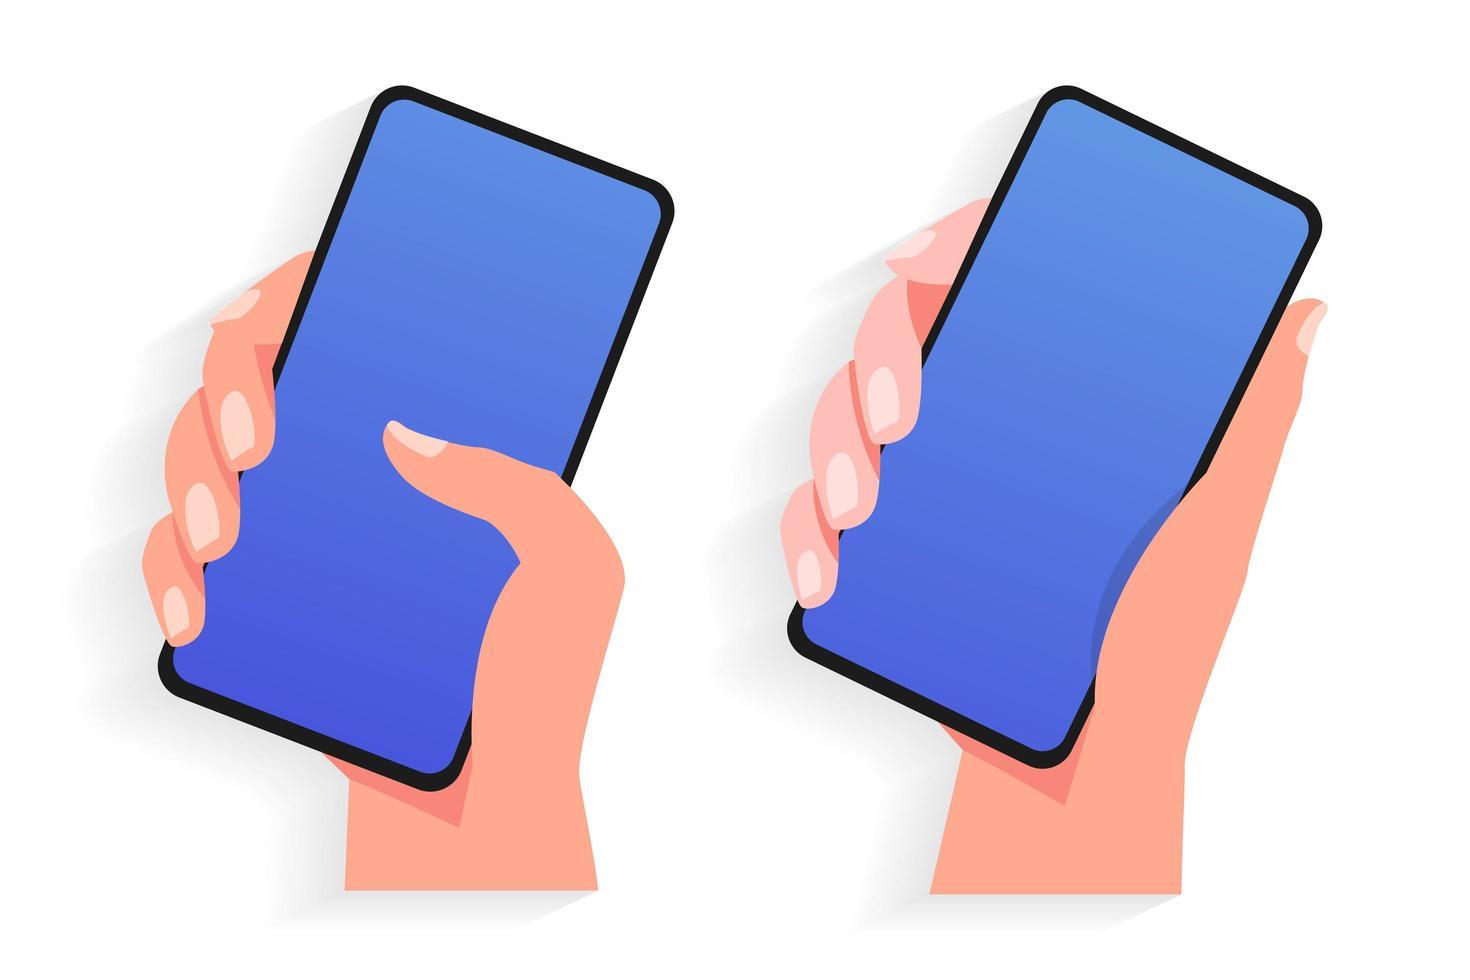 jeu de mains sur téléphone mobile vecteur